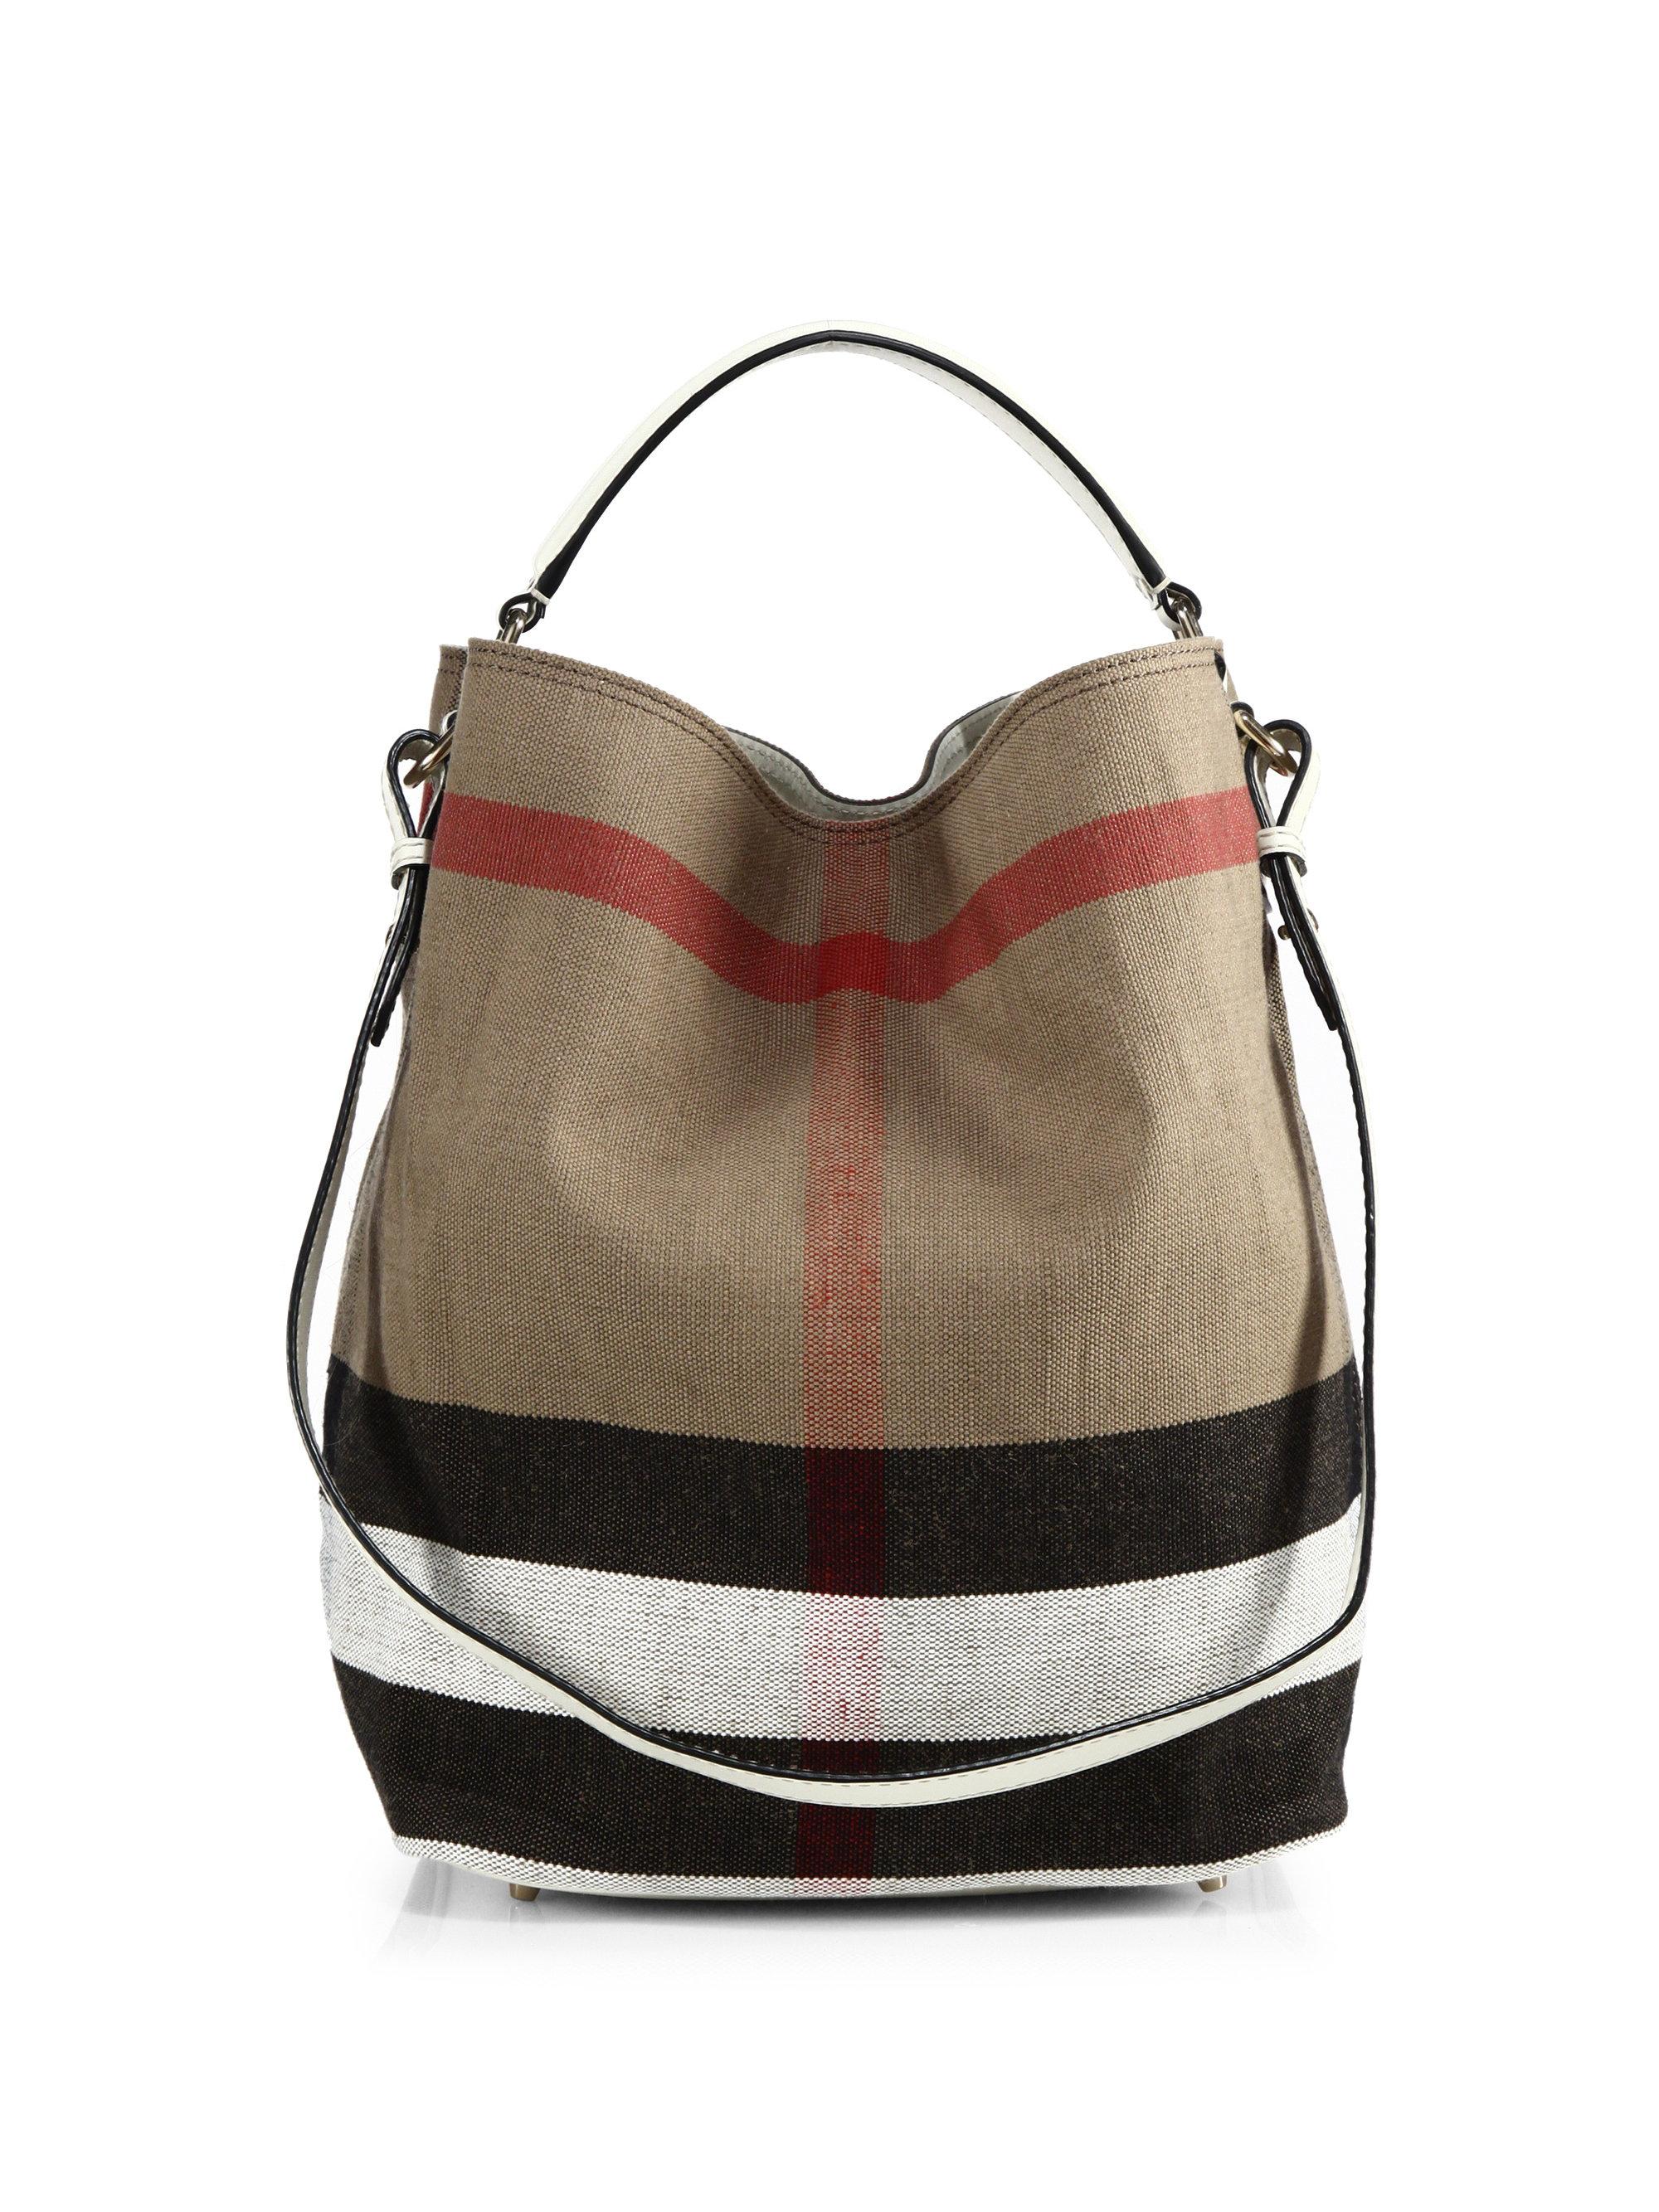 14a3edfdf3a1 Burberry Handbag picture  burberry classic check ashby m ...